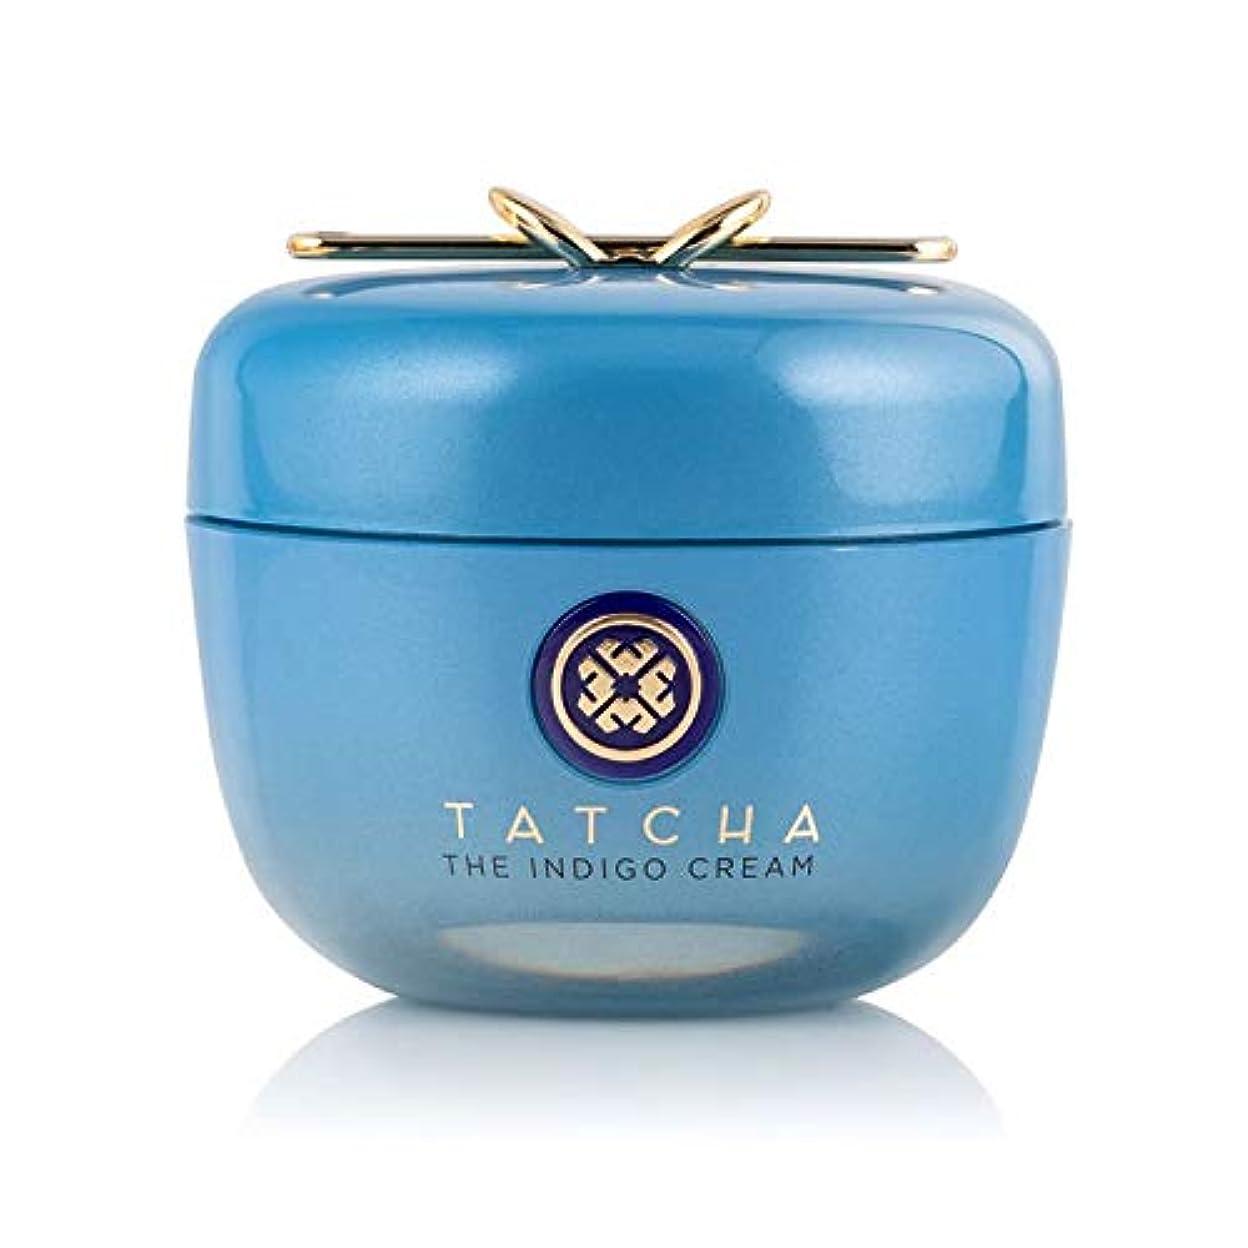 切り下げ歩行者上陸Tatcha The Indigo Cream Soothing Skin Protectant 1.7 oz/ 50 mL タチャインディゴ クリーム